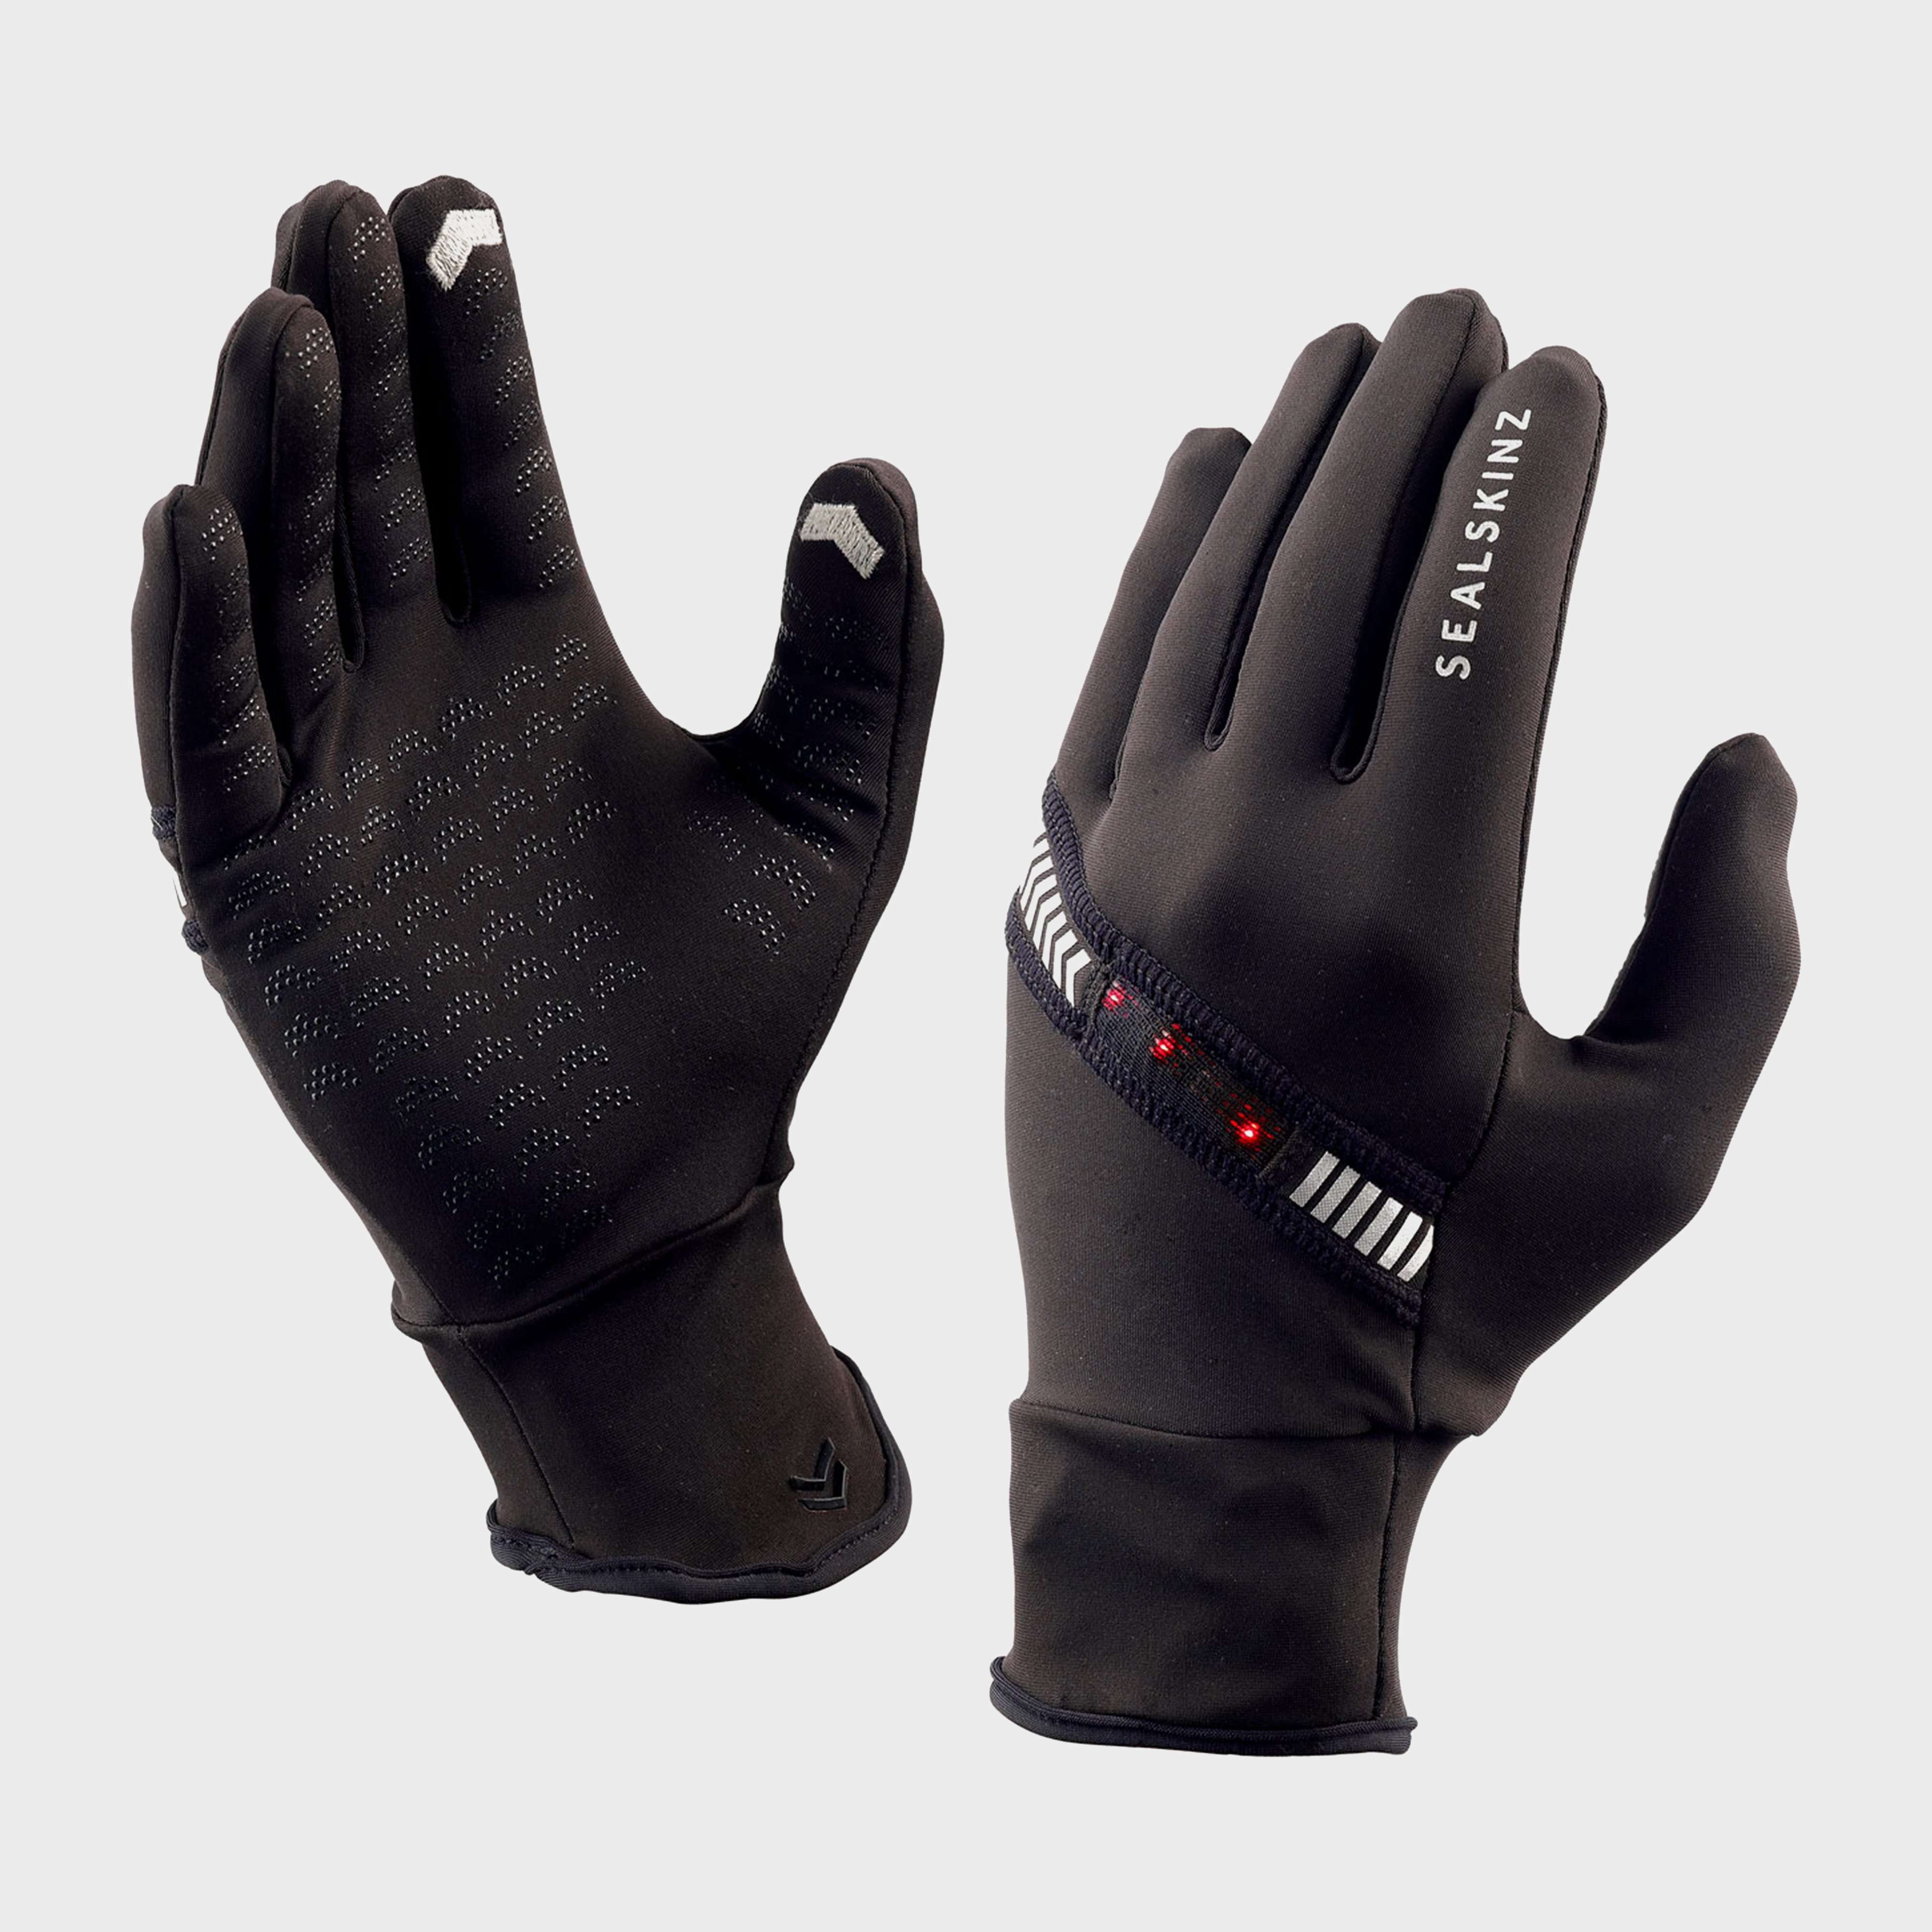 SEALSKINZ HALO Running Glove